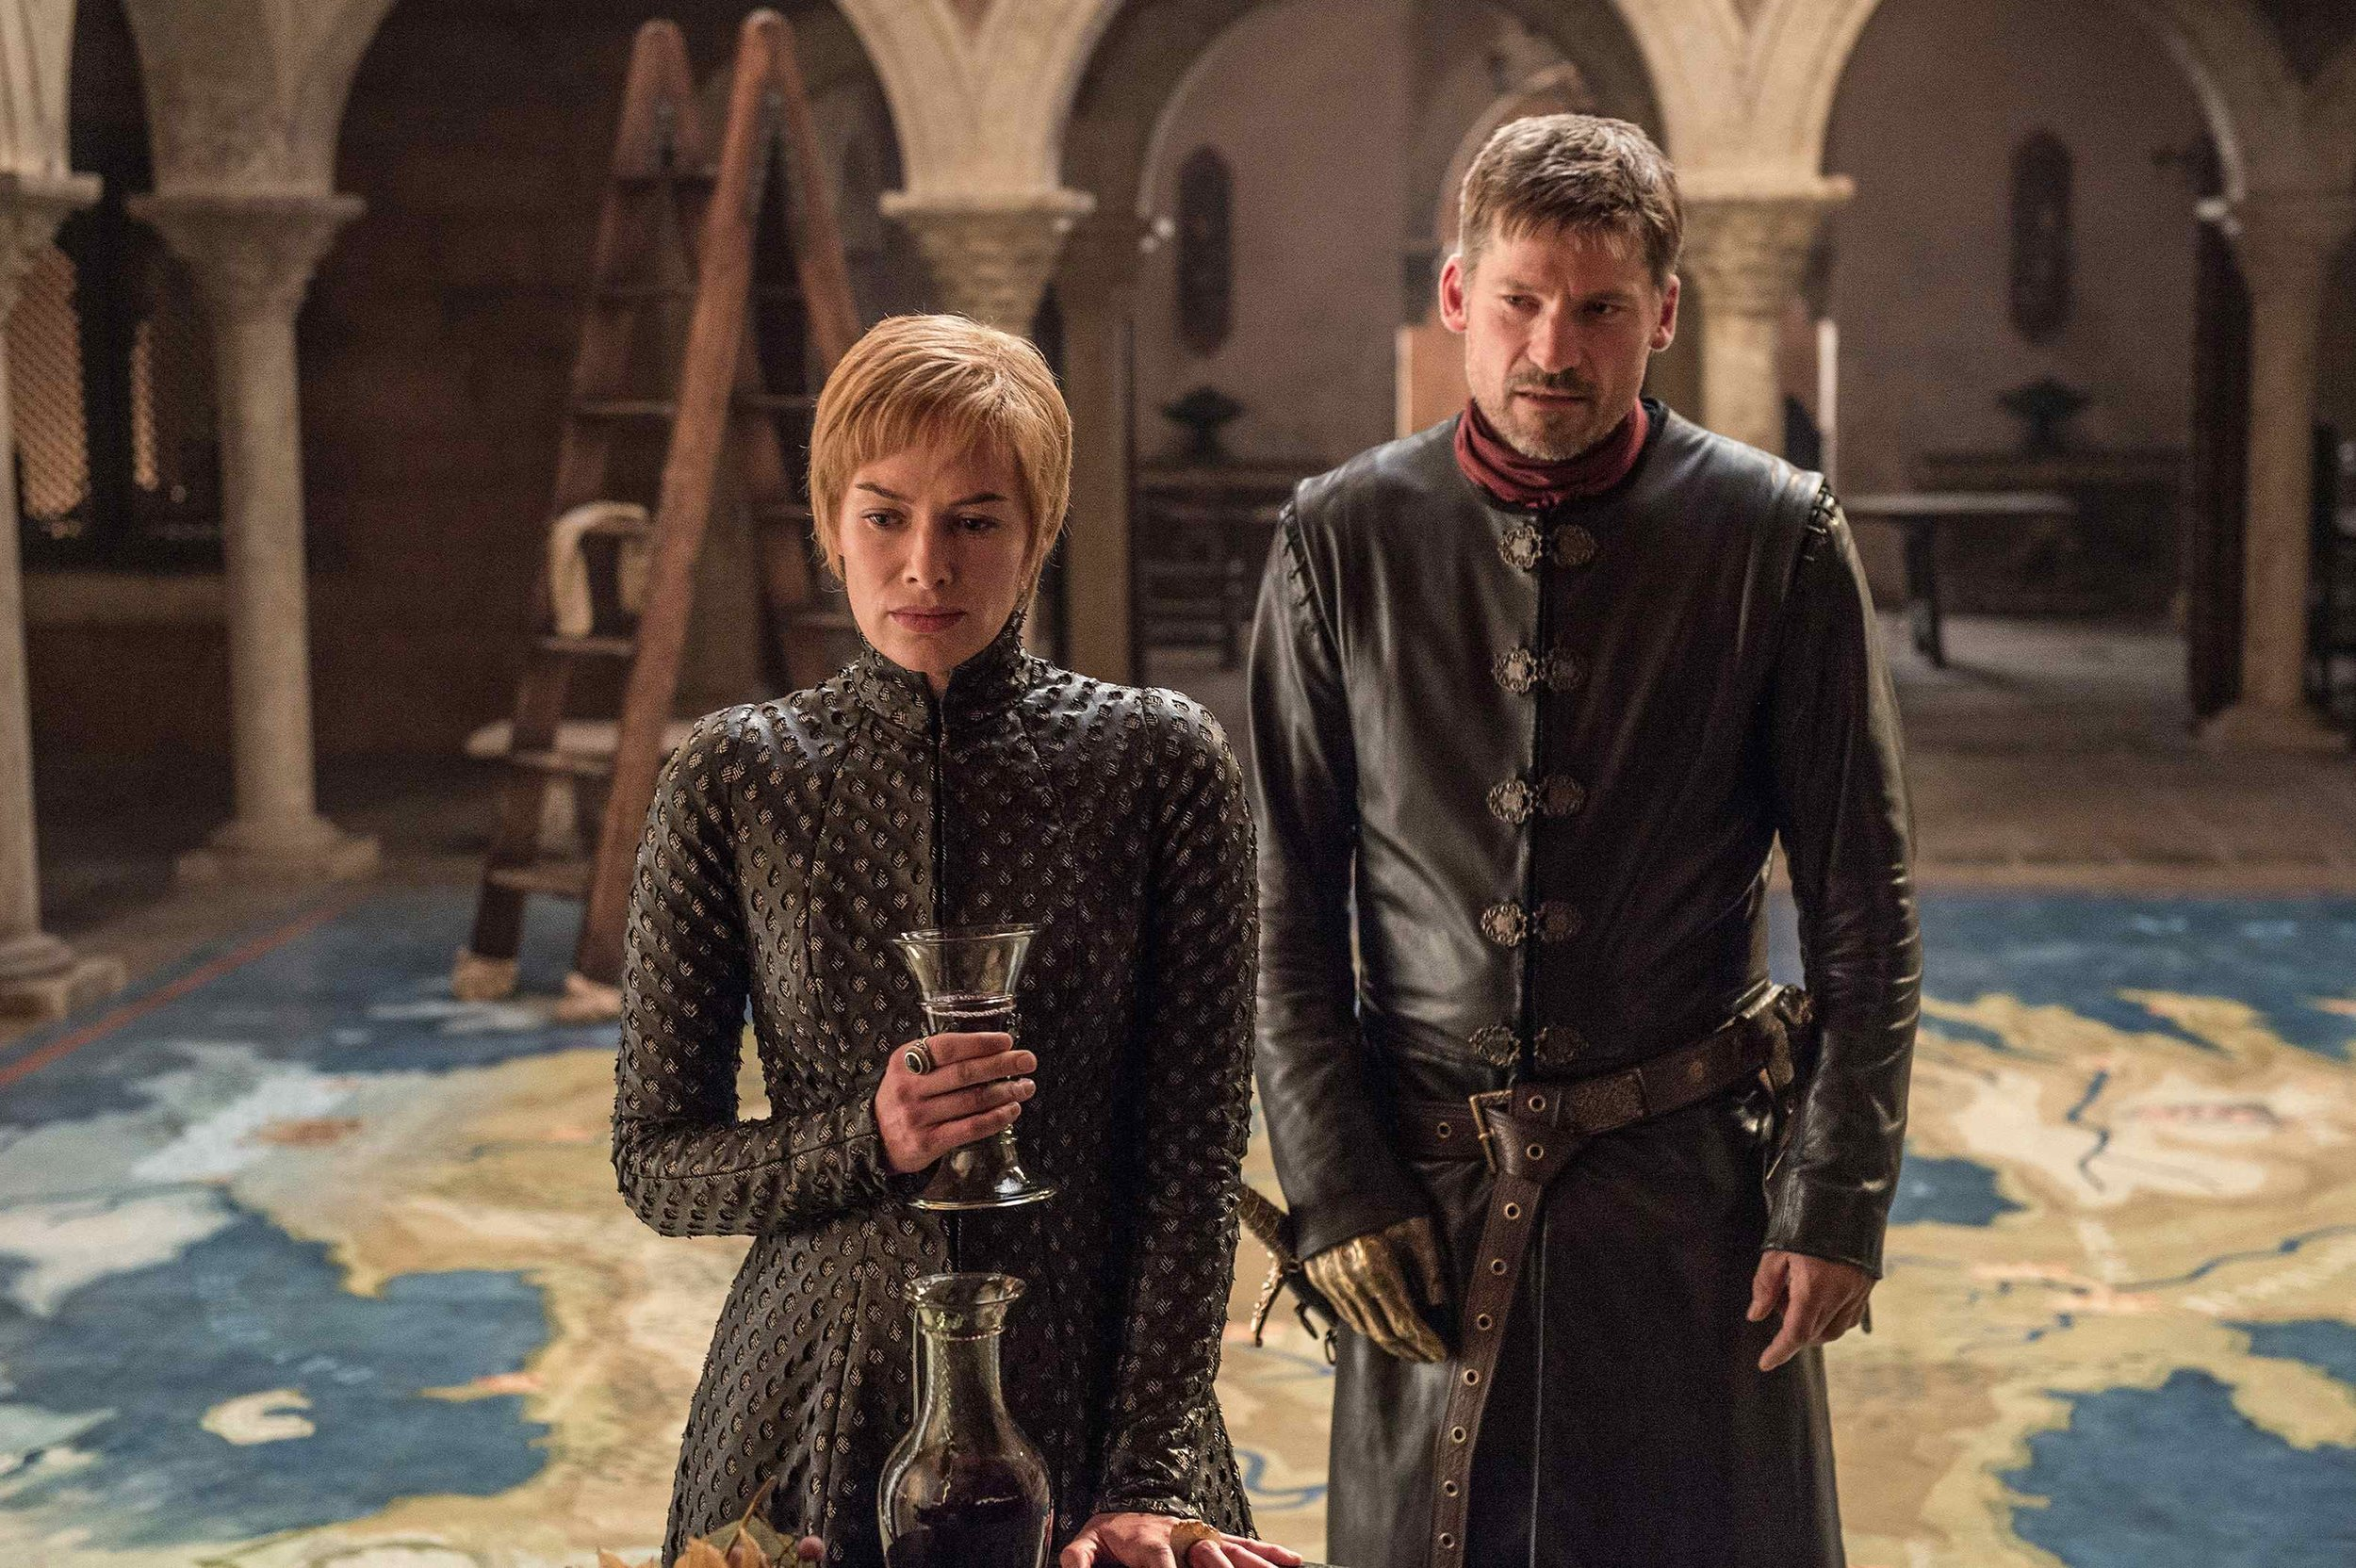 Breaking News: Cersei drinks wine.